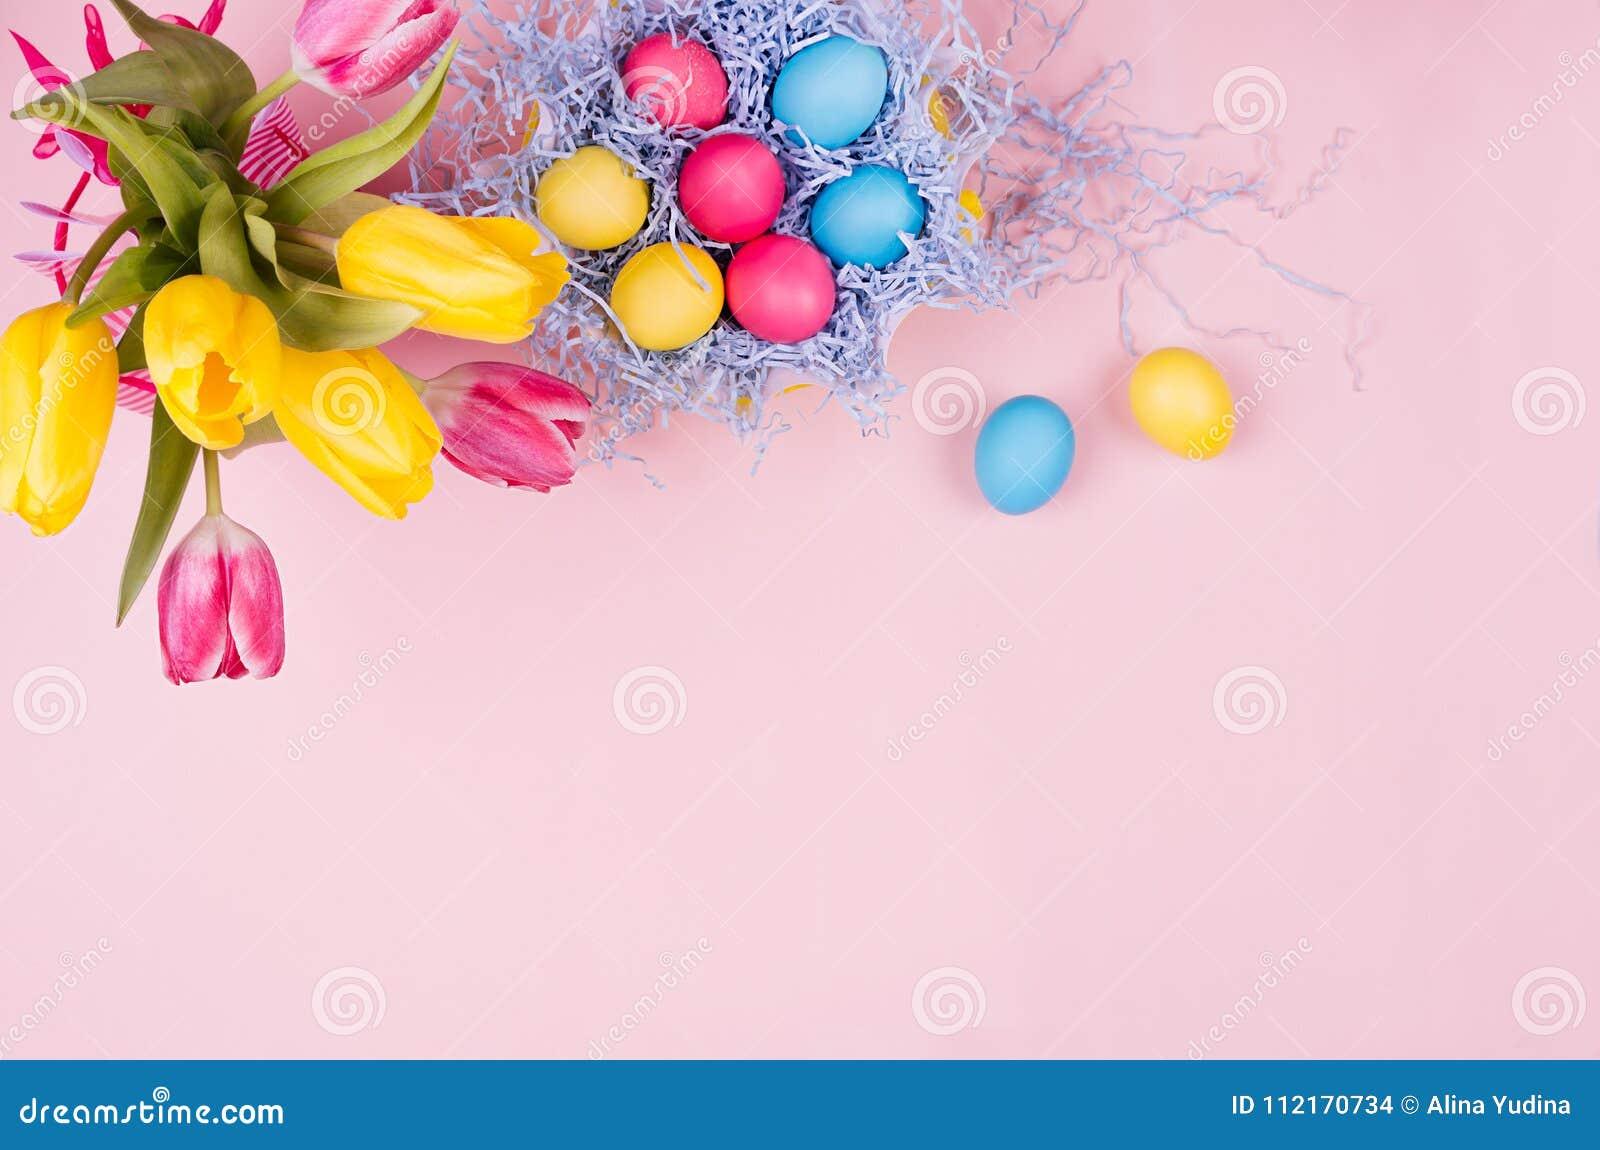 Decoración en colores pastel suave elegante apacible de pascua - huevos pintados, tulipanes amarillos, magdalena en el fondo rosa